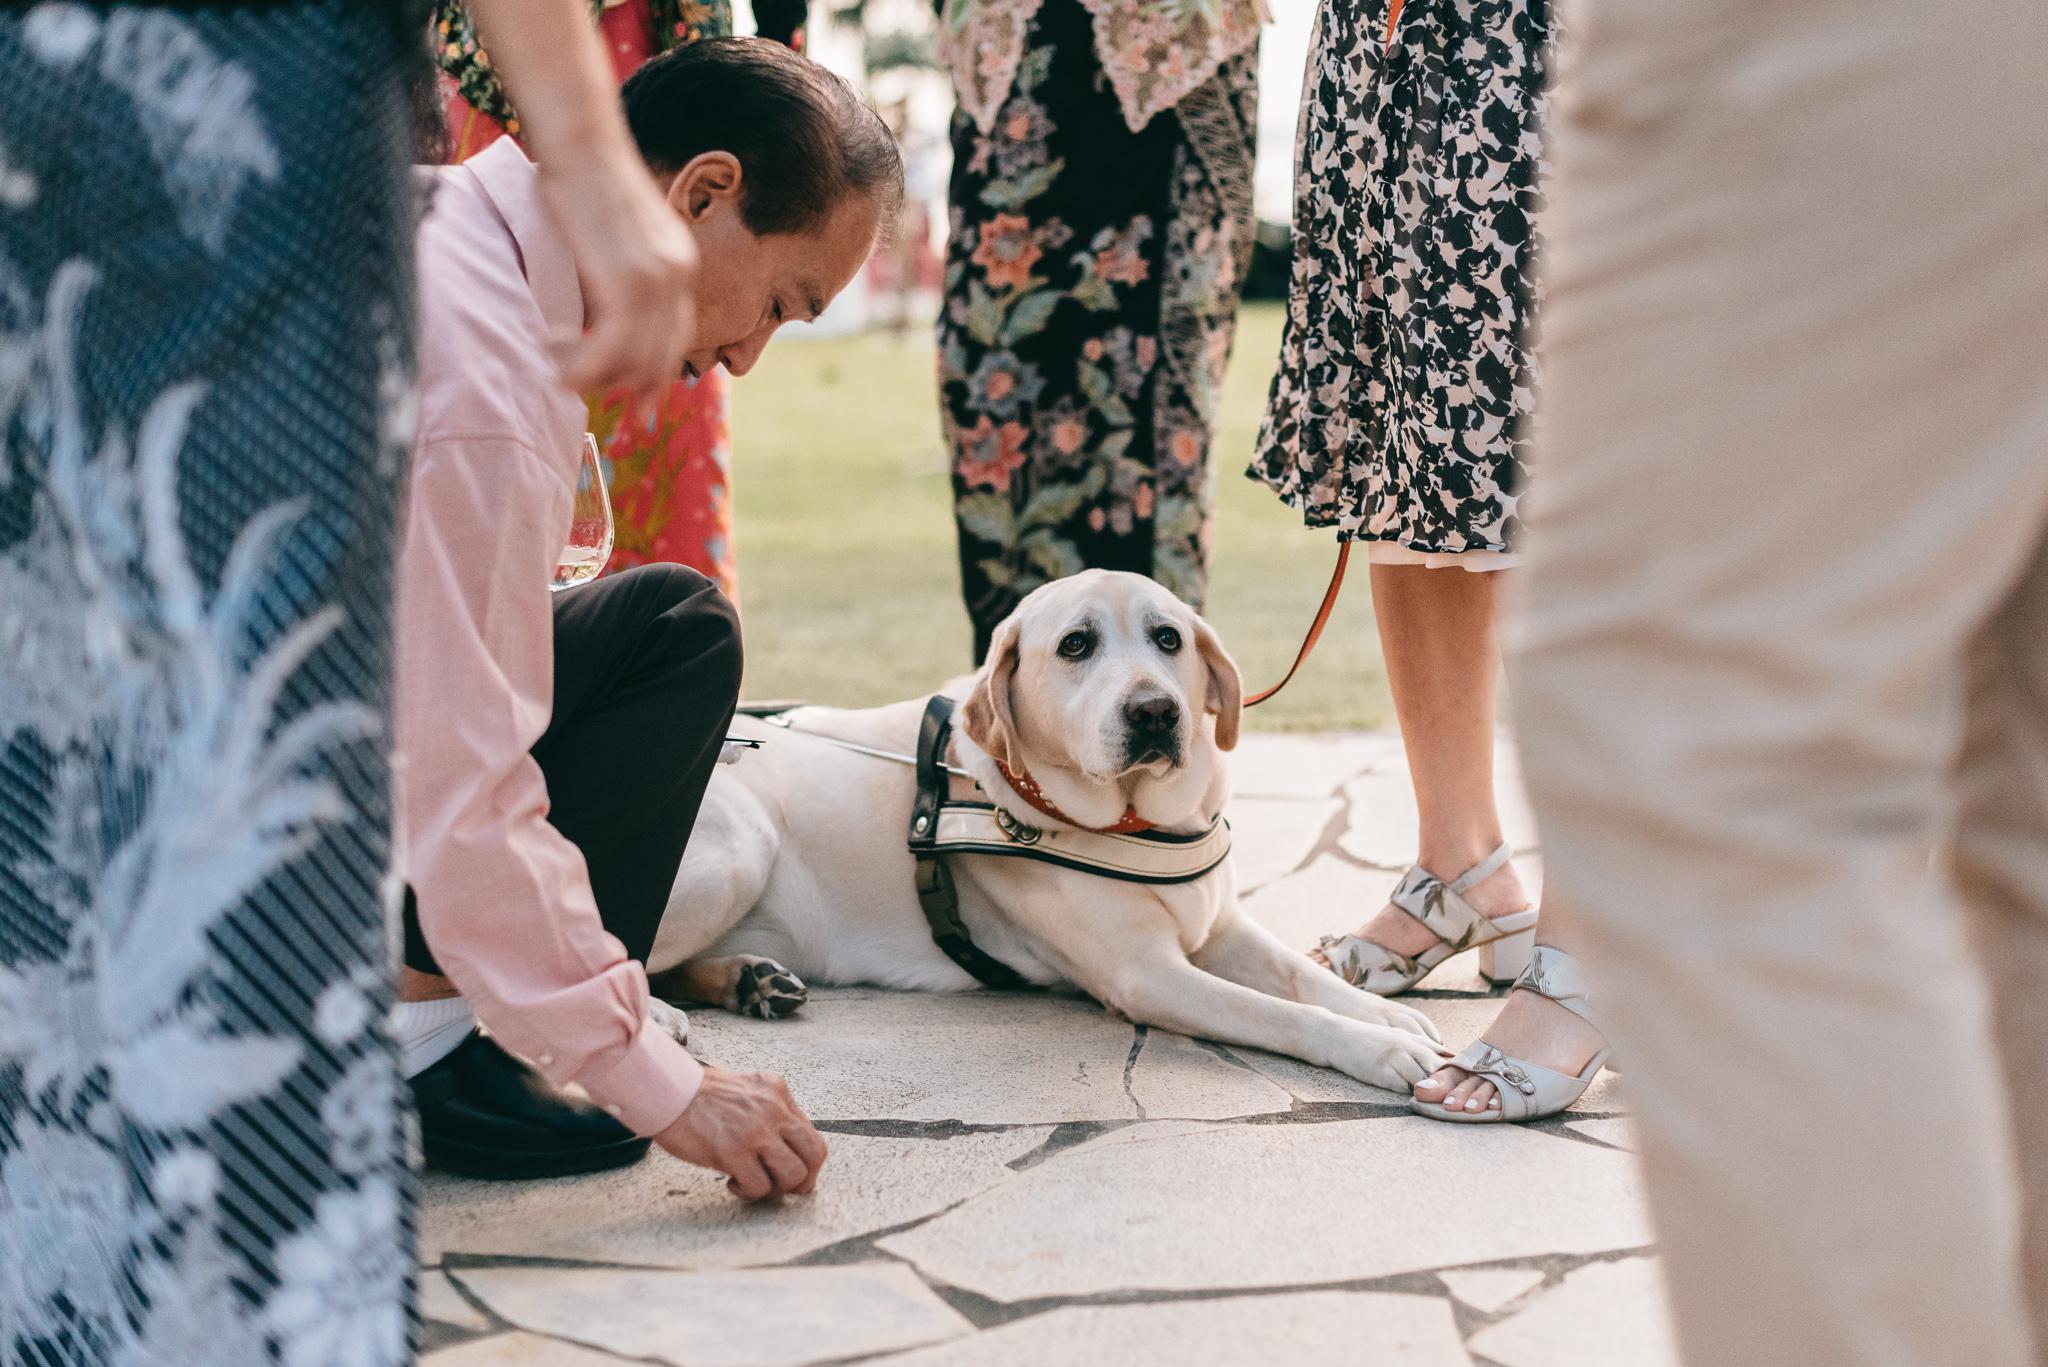 Lionel & Karen Wedding Day Highlights (resized for sharing) - 162.jpg